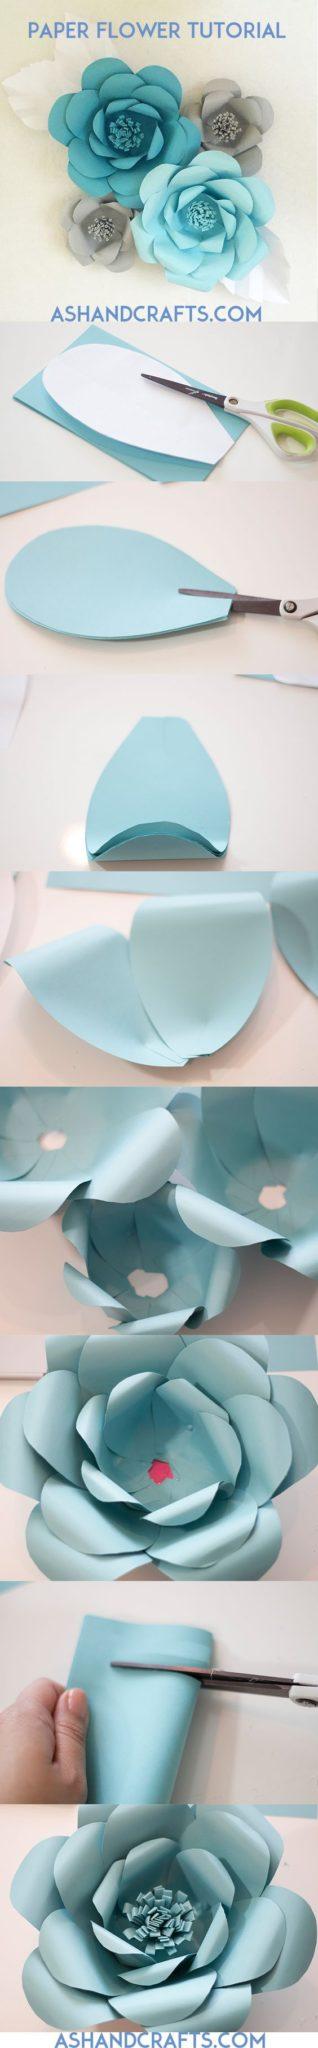 flores de papel gigantes paso a paso